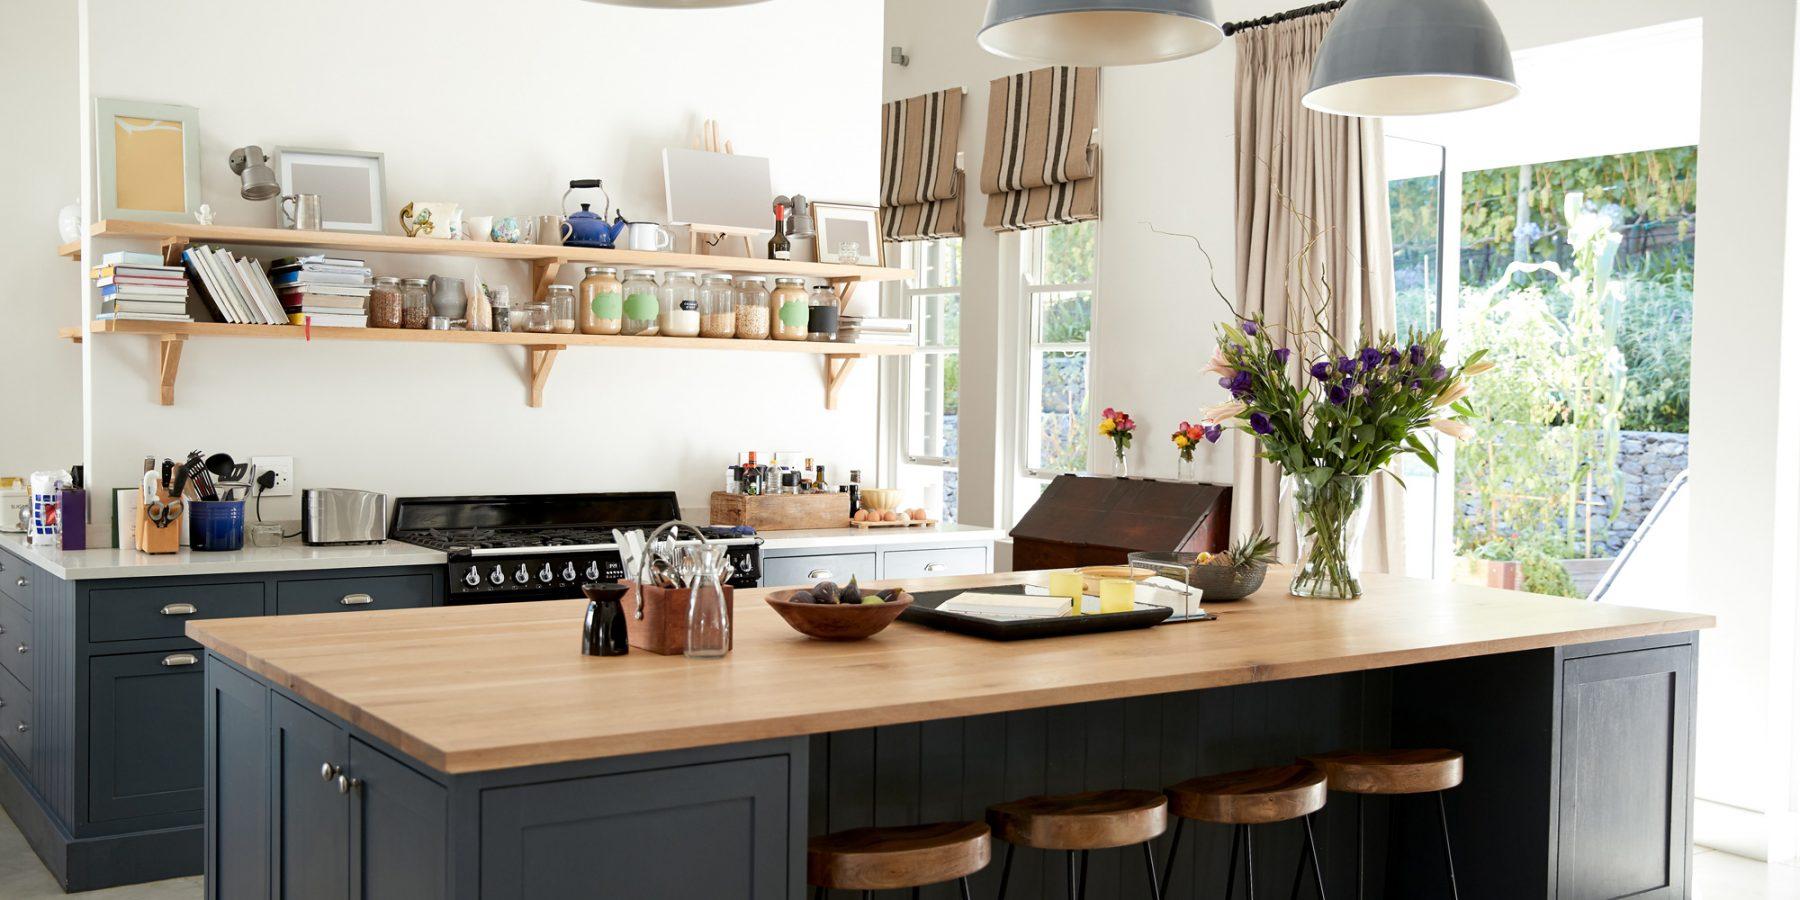 Bespoke kitchen with dark island unit